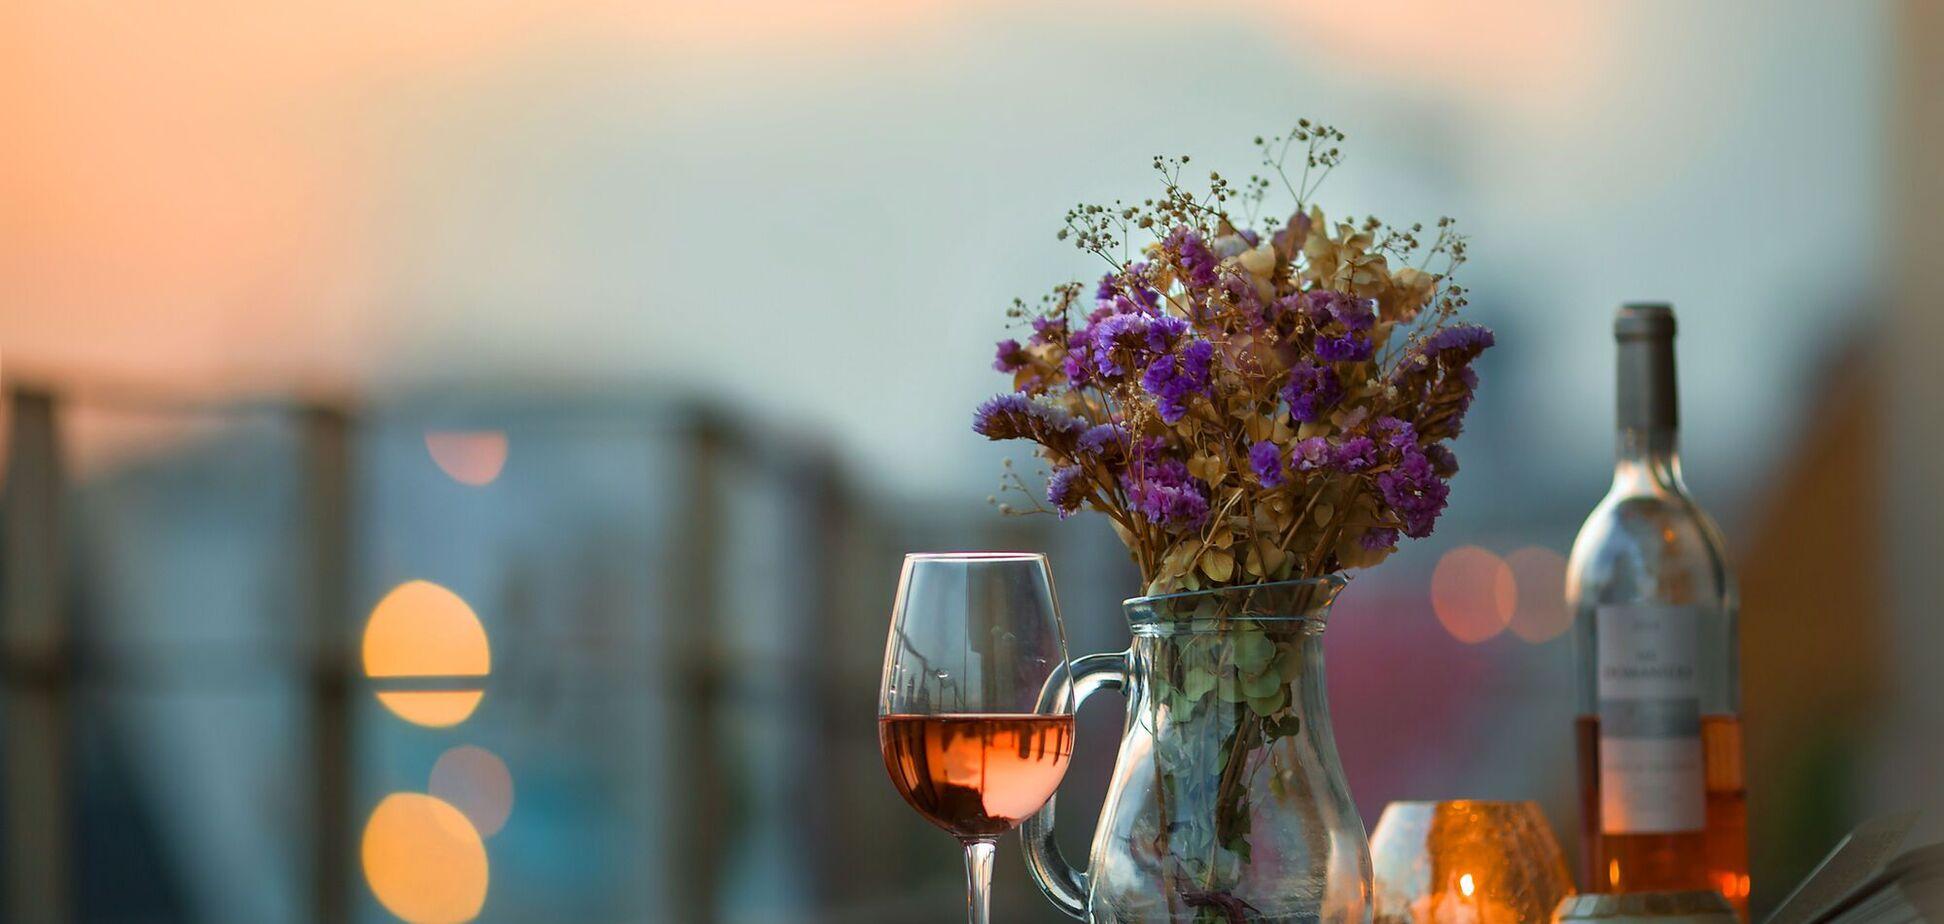 Польза вина: какое и сколько употреблять